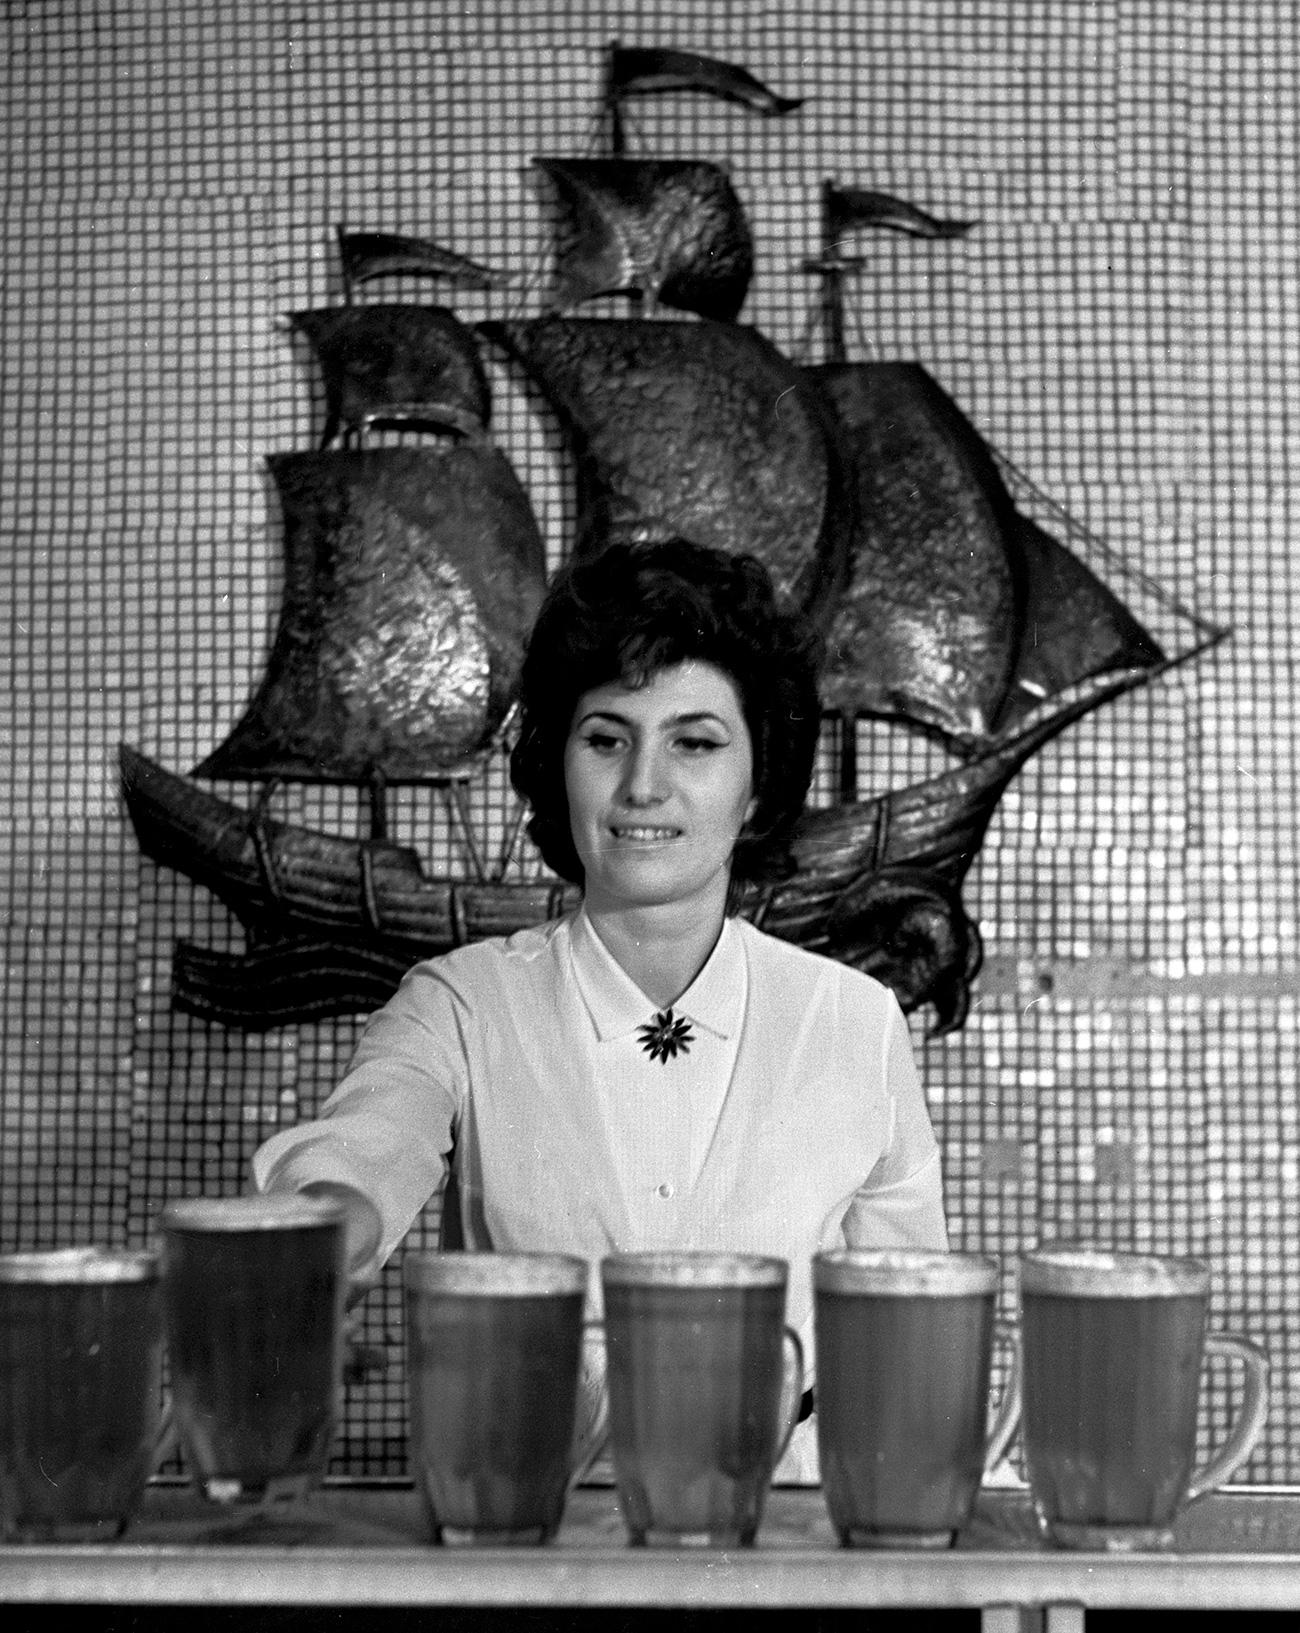 これらの全国で販売されたものに加え、各ソビエト共和国は、独自のビールを造っていた。バキンスコエ・スペツィアリノエ(バクー・スペシャル)、エレバン黒ビール、ミンスコエ(ミンスク)、フェルガンスコエ(フェルガナ)、その他多数。合計、350種以上が造られていたが、もちろん、その多くは互いにコピーし合っていたと、サイト「ピーボ(ビール)・ルー」を運営しているパーヴェル・エゴロフさんは話す。